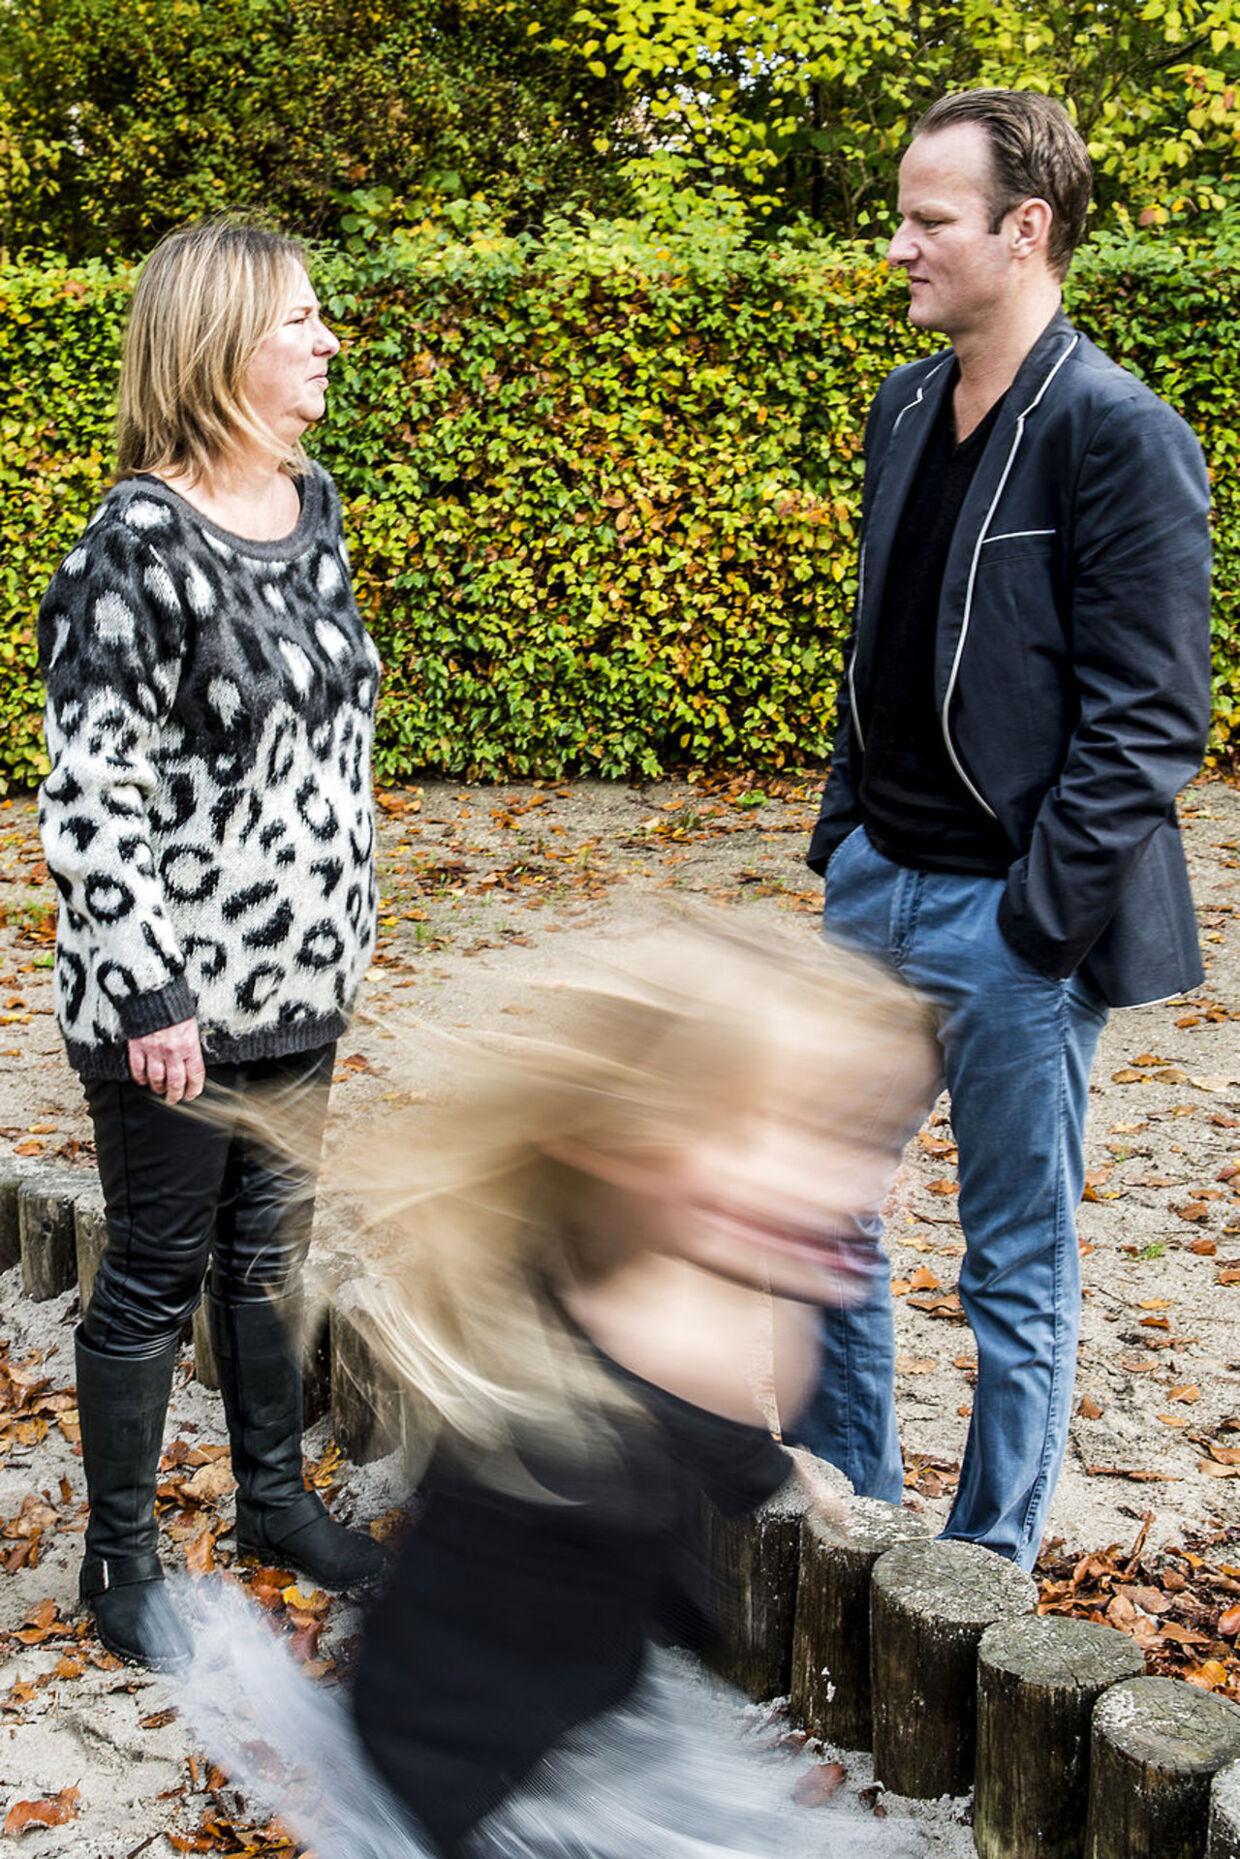 Helle bortadopterede sin søn, som hun fik, da hun var 14 år gammel, og hun gjorde sig ingen forhåbninger om nogensinde at skulle se ham.